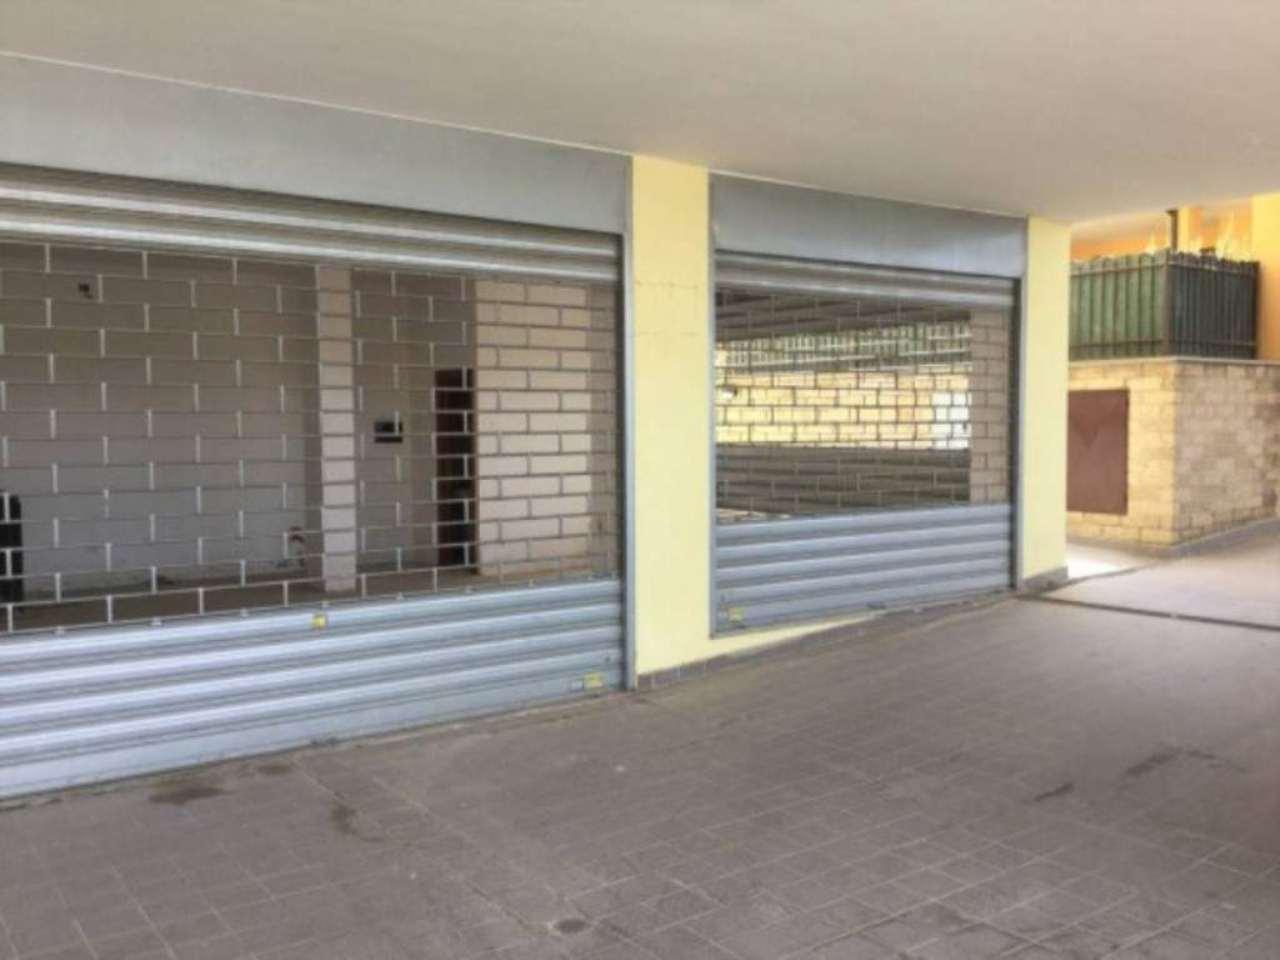 Negozio / Locale in vendita a Formello, 1 locali, prezzo € 105.000 | CambioCasa.it